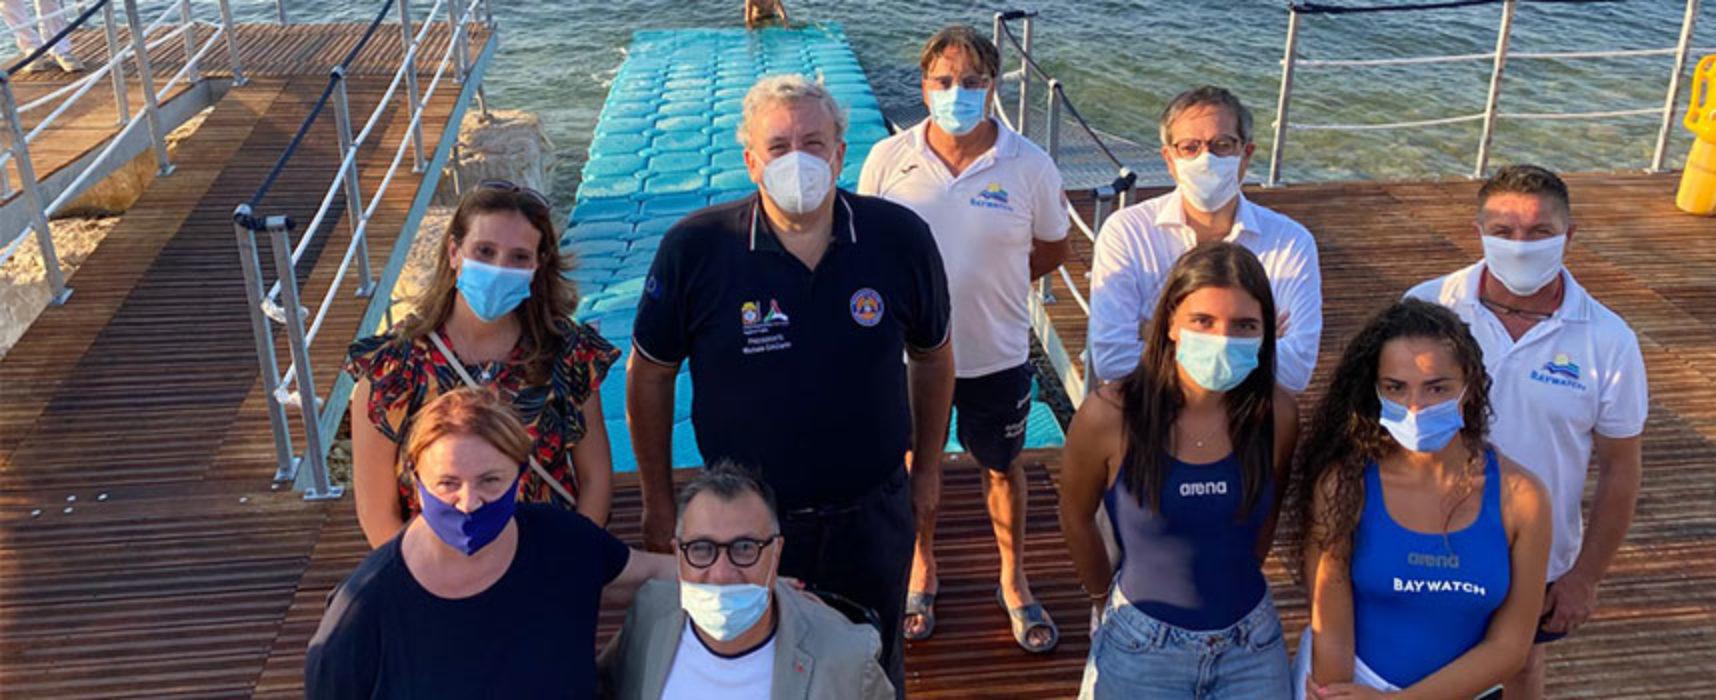 Presidente Emiliano visita spiaggia attrezzata per disabili a Bisceglie / VIDEO